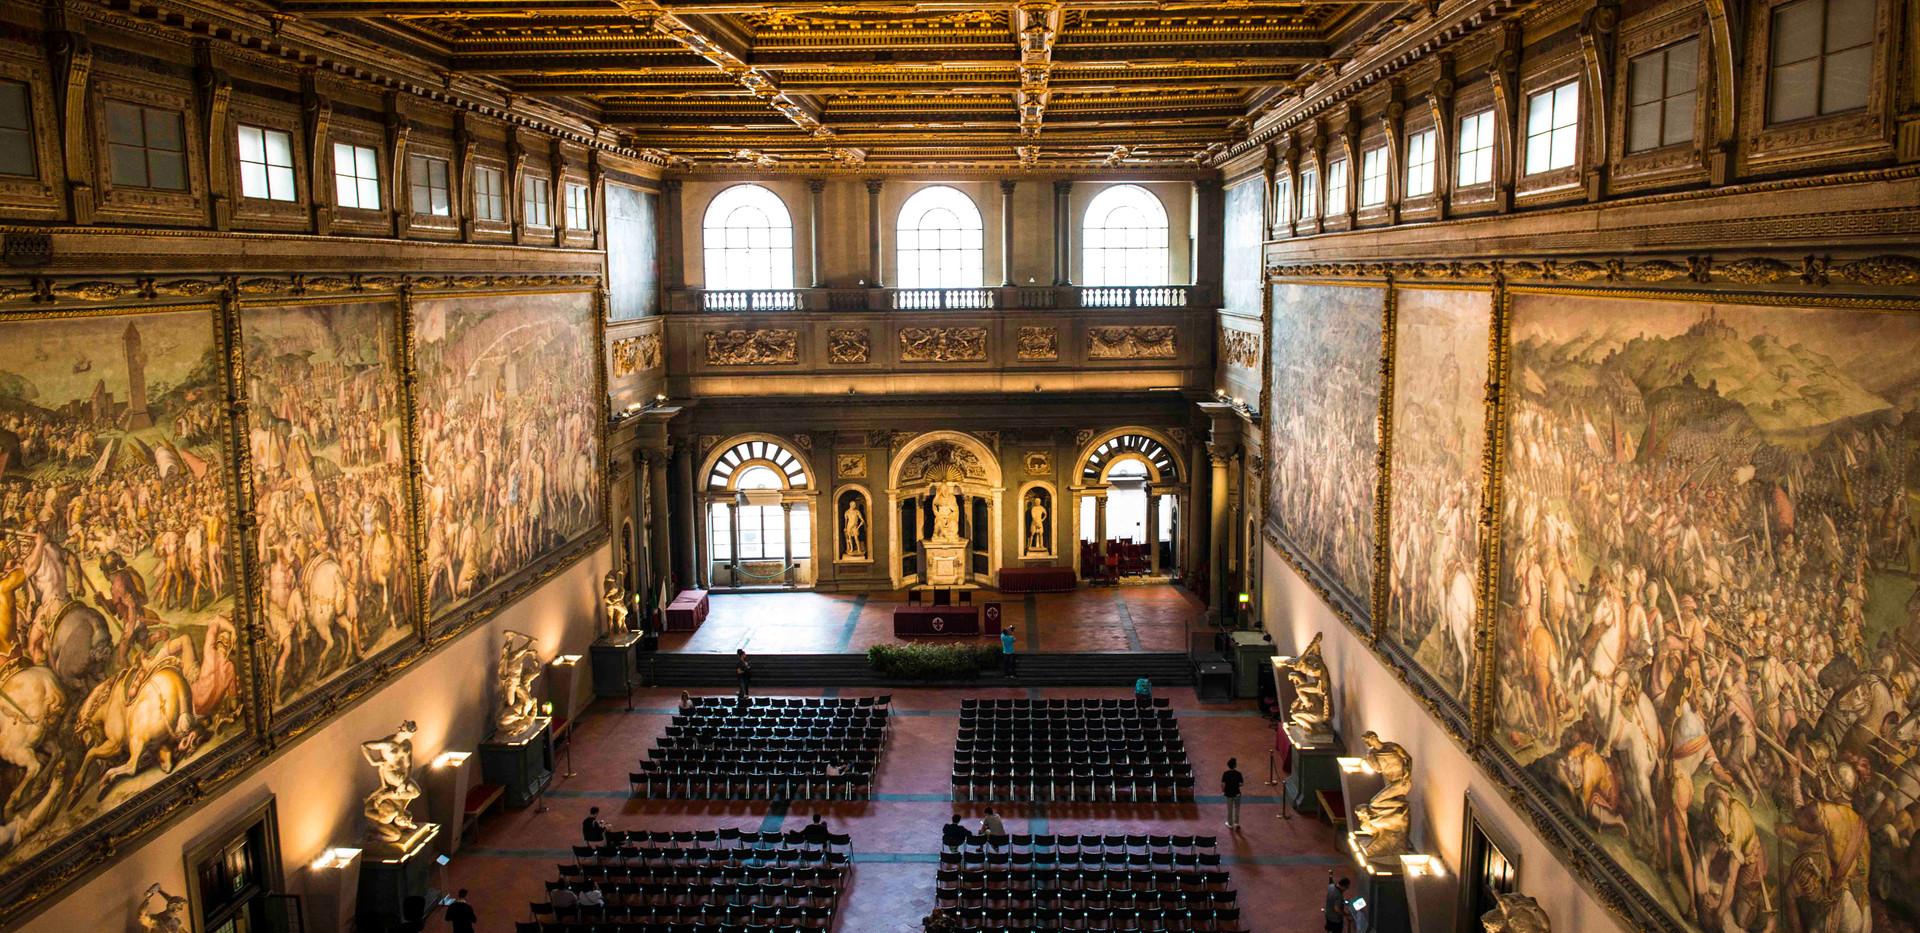 Vecchio Palazzo interior